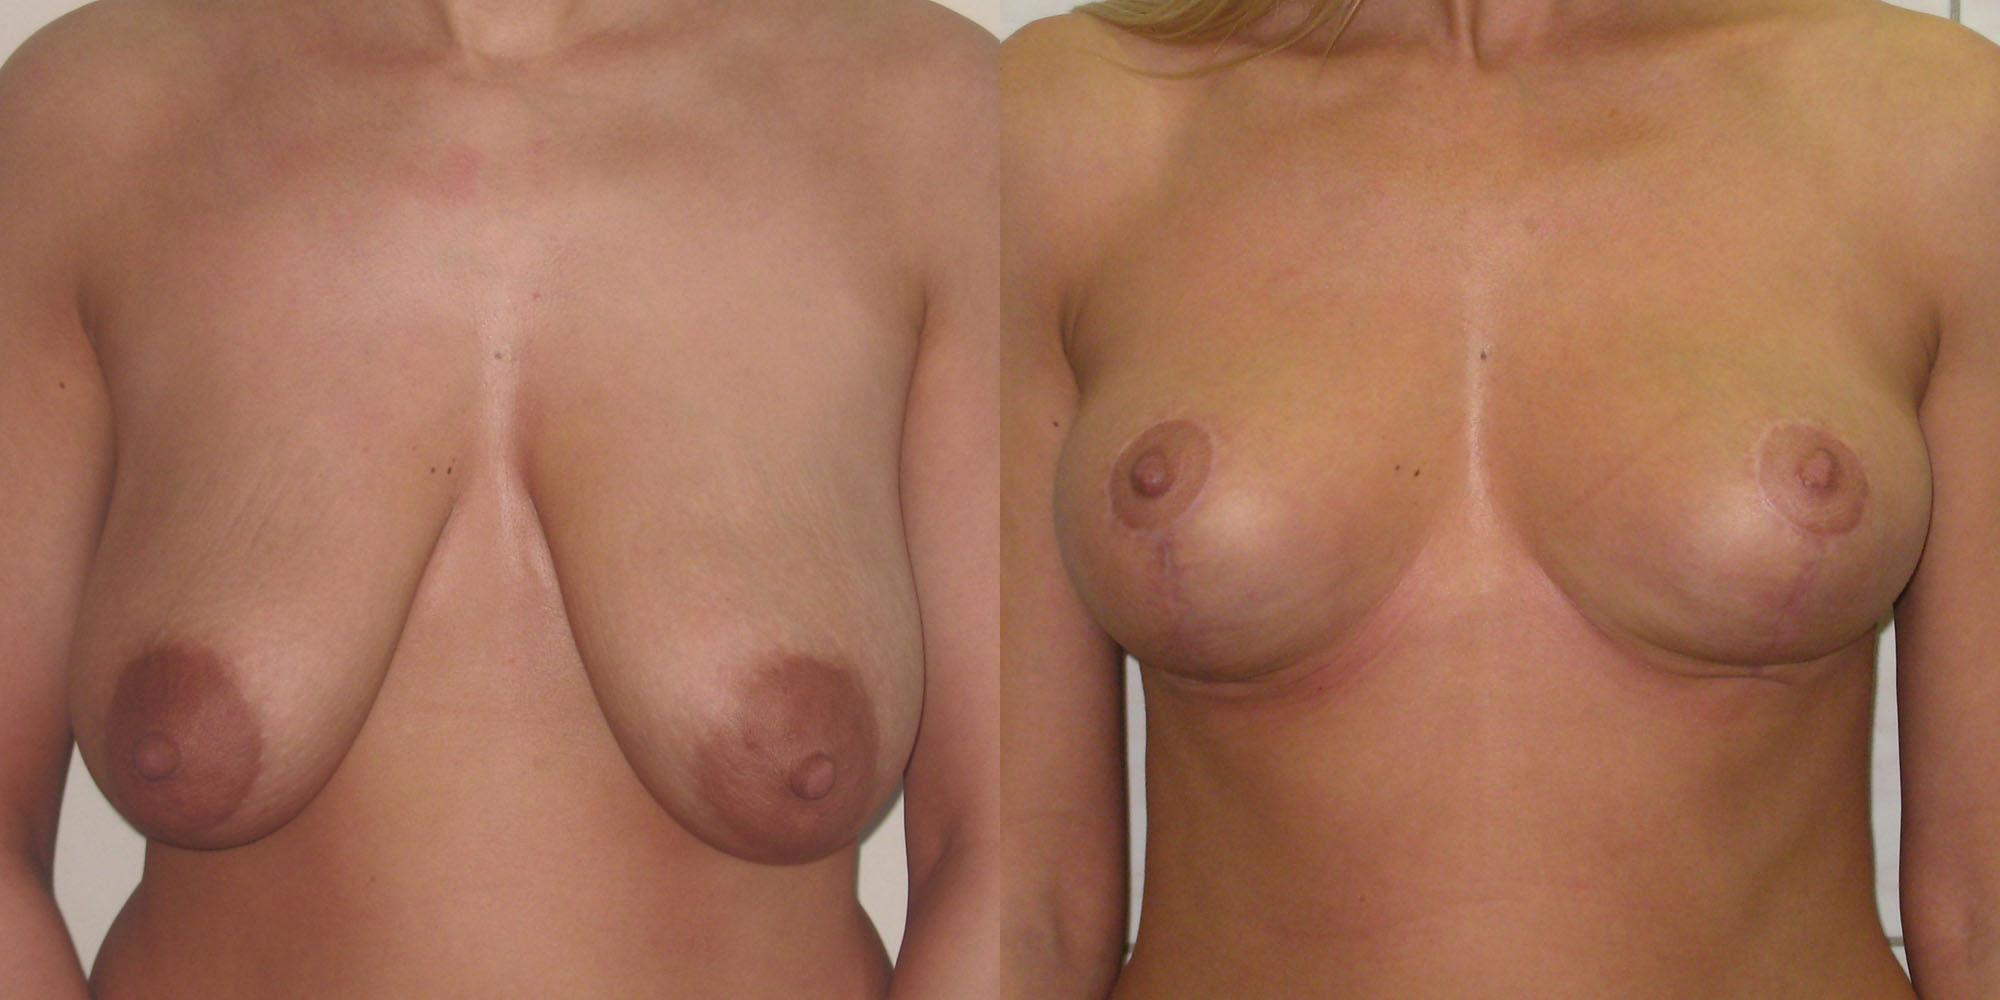 Формы груди и сосков фото 7 фотография